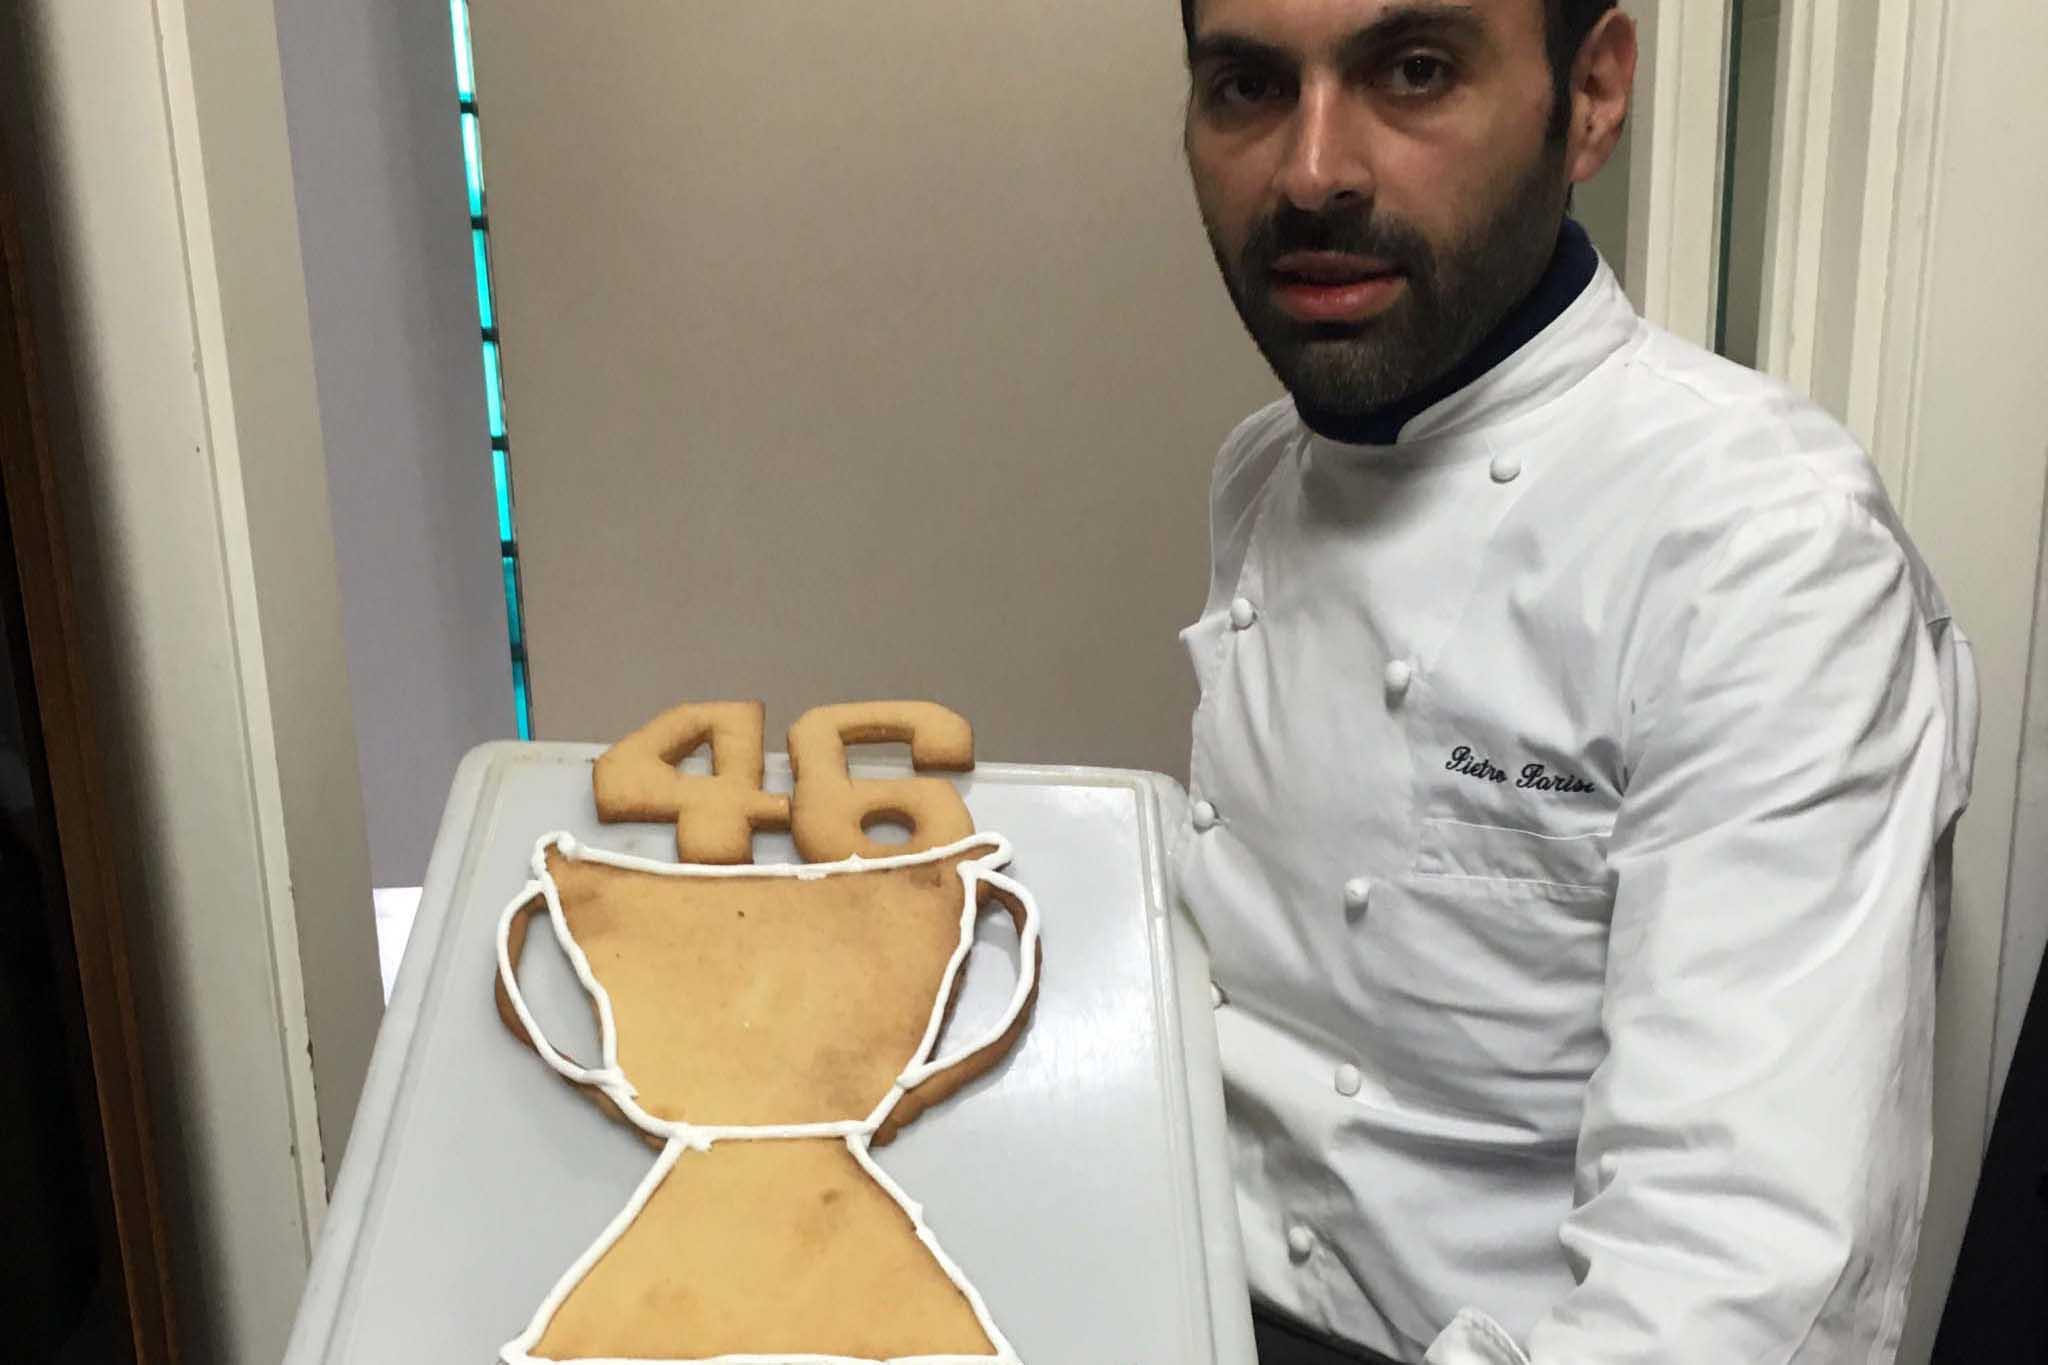 Un biscotto da campioni per Valentino Rossi: lo sforna Pietro Parisi